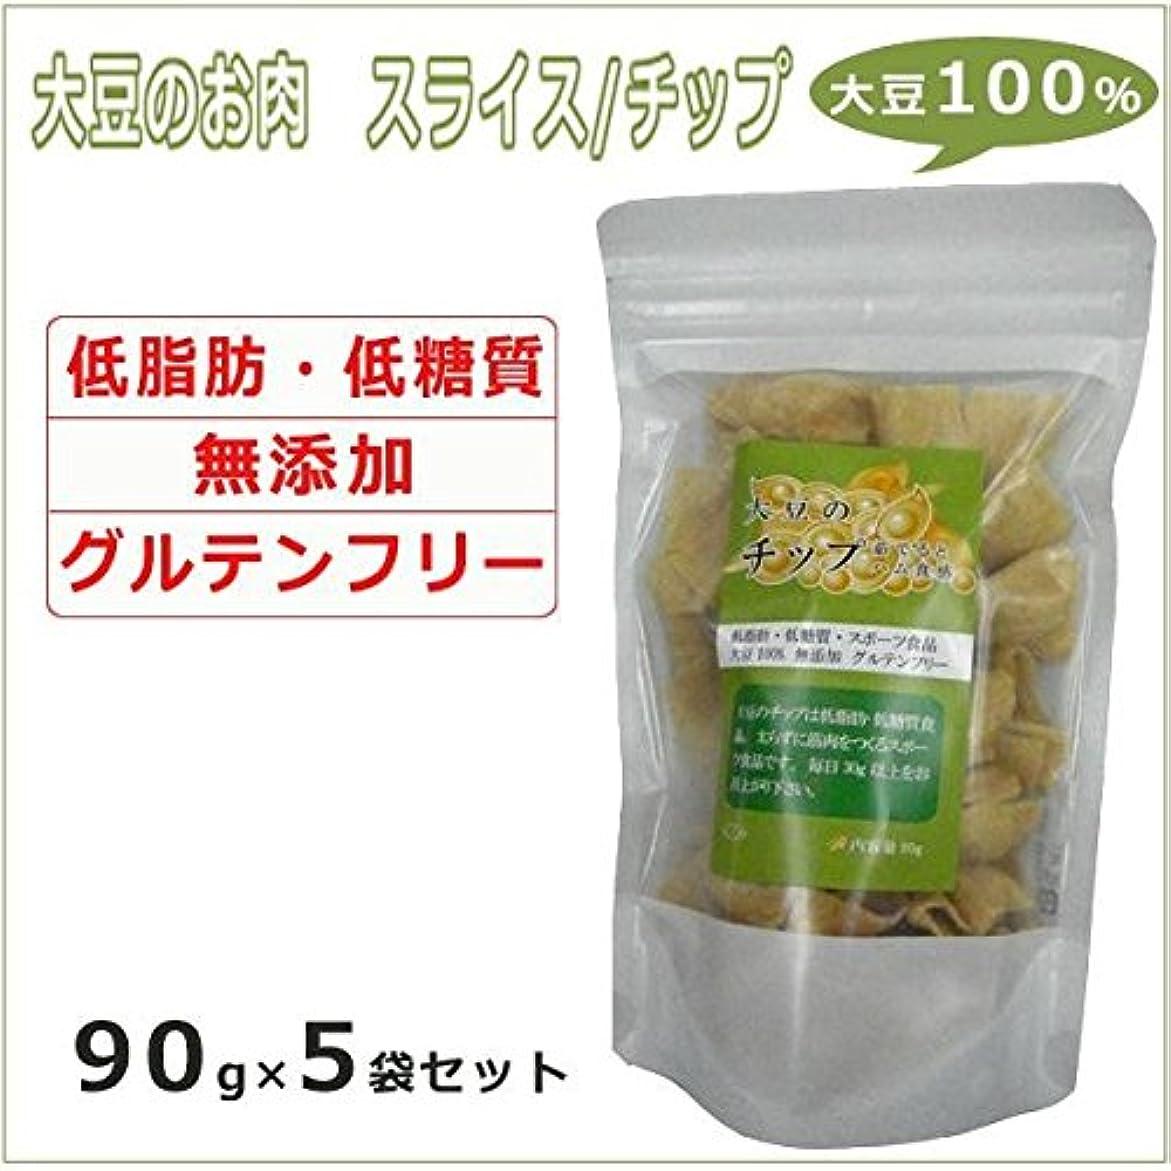 地図貸す浜辺大豆のお肉 ソイミート スライス/チップ 90g×5袋